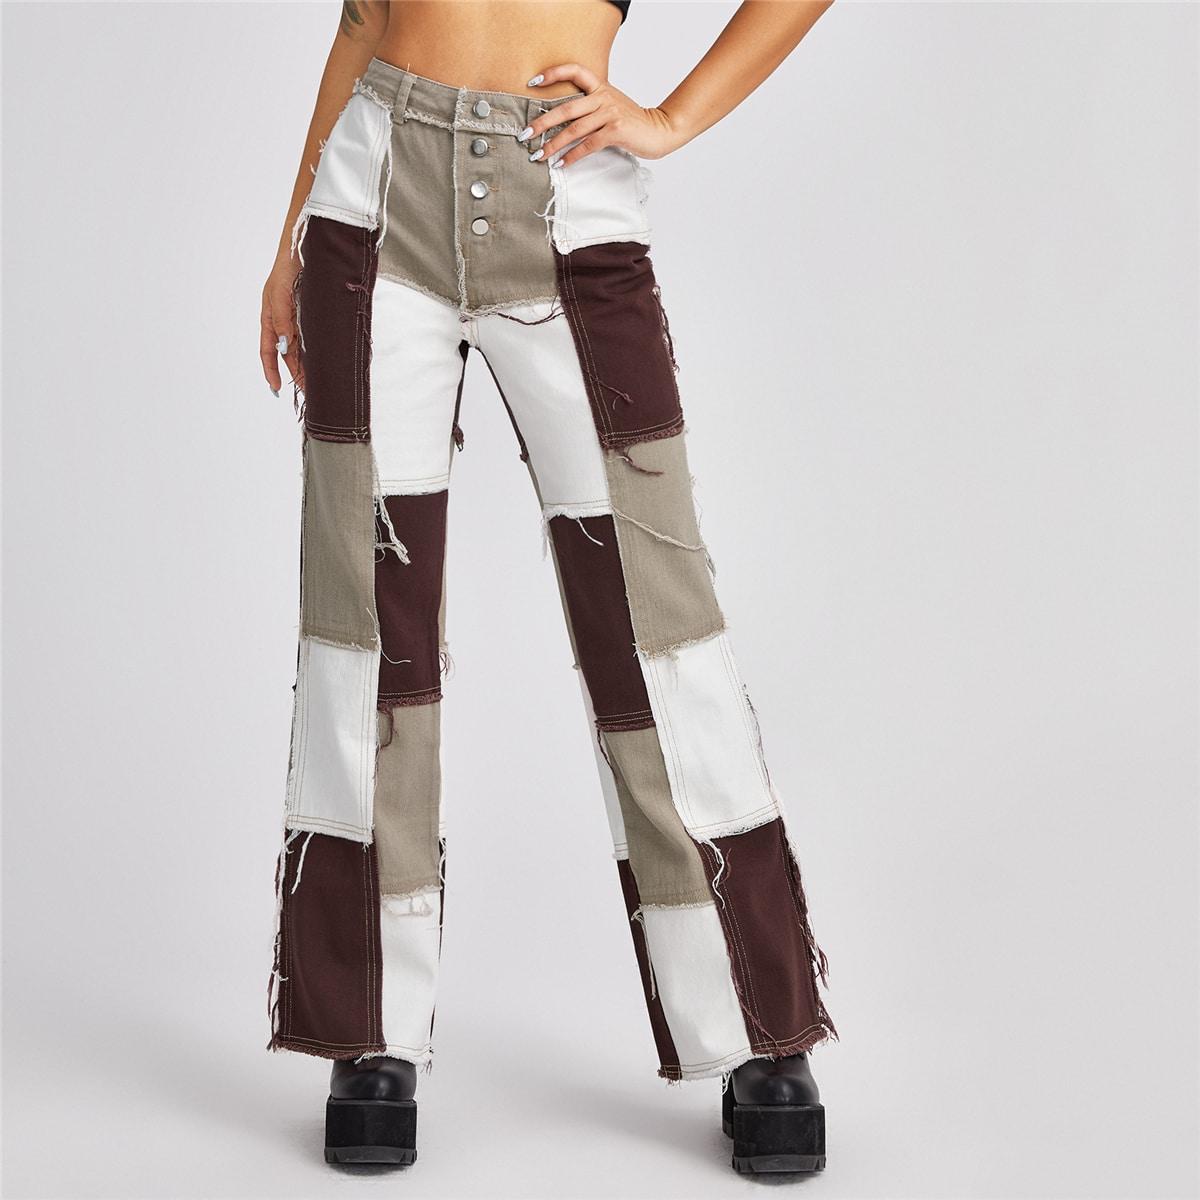 High Waist Button Fly Spliced Jeans